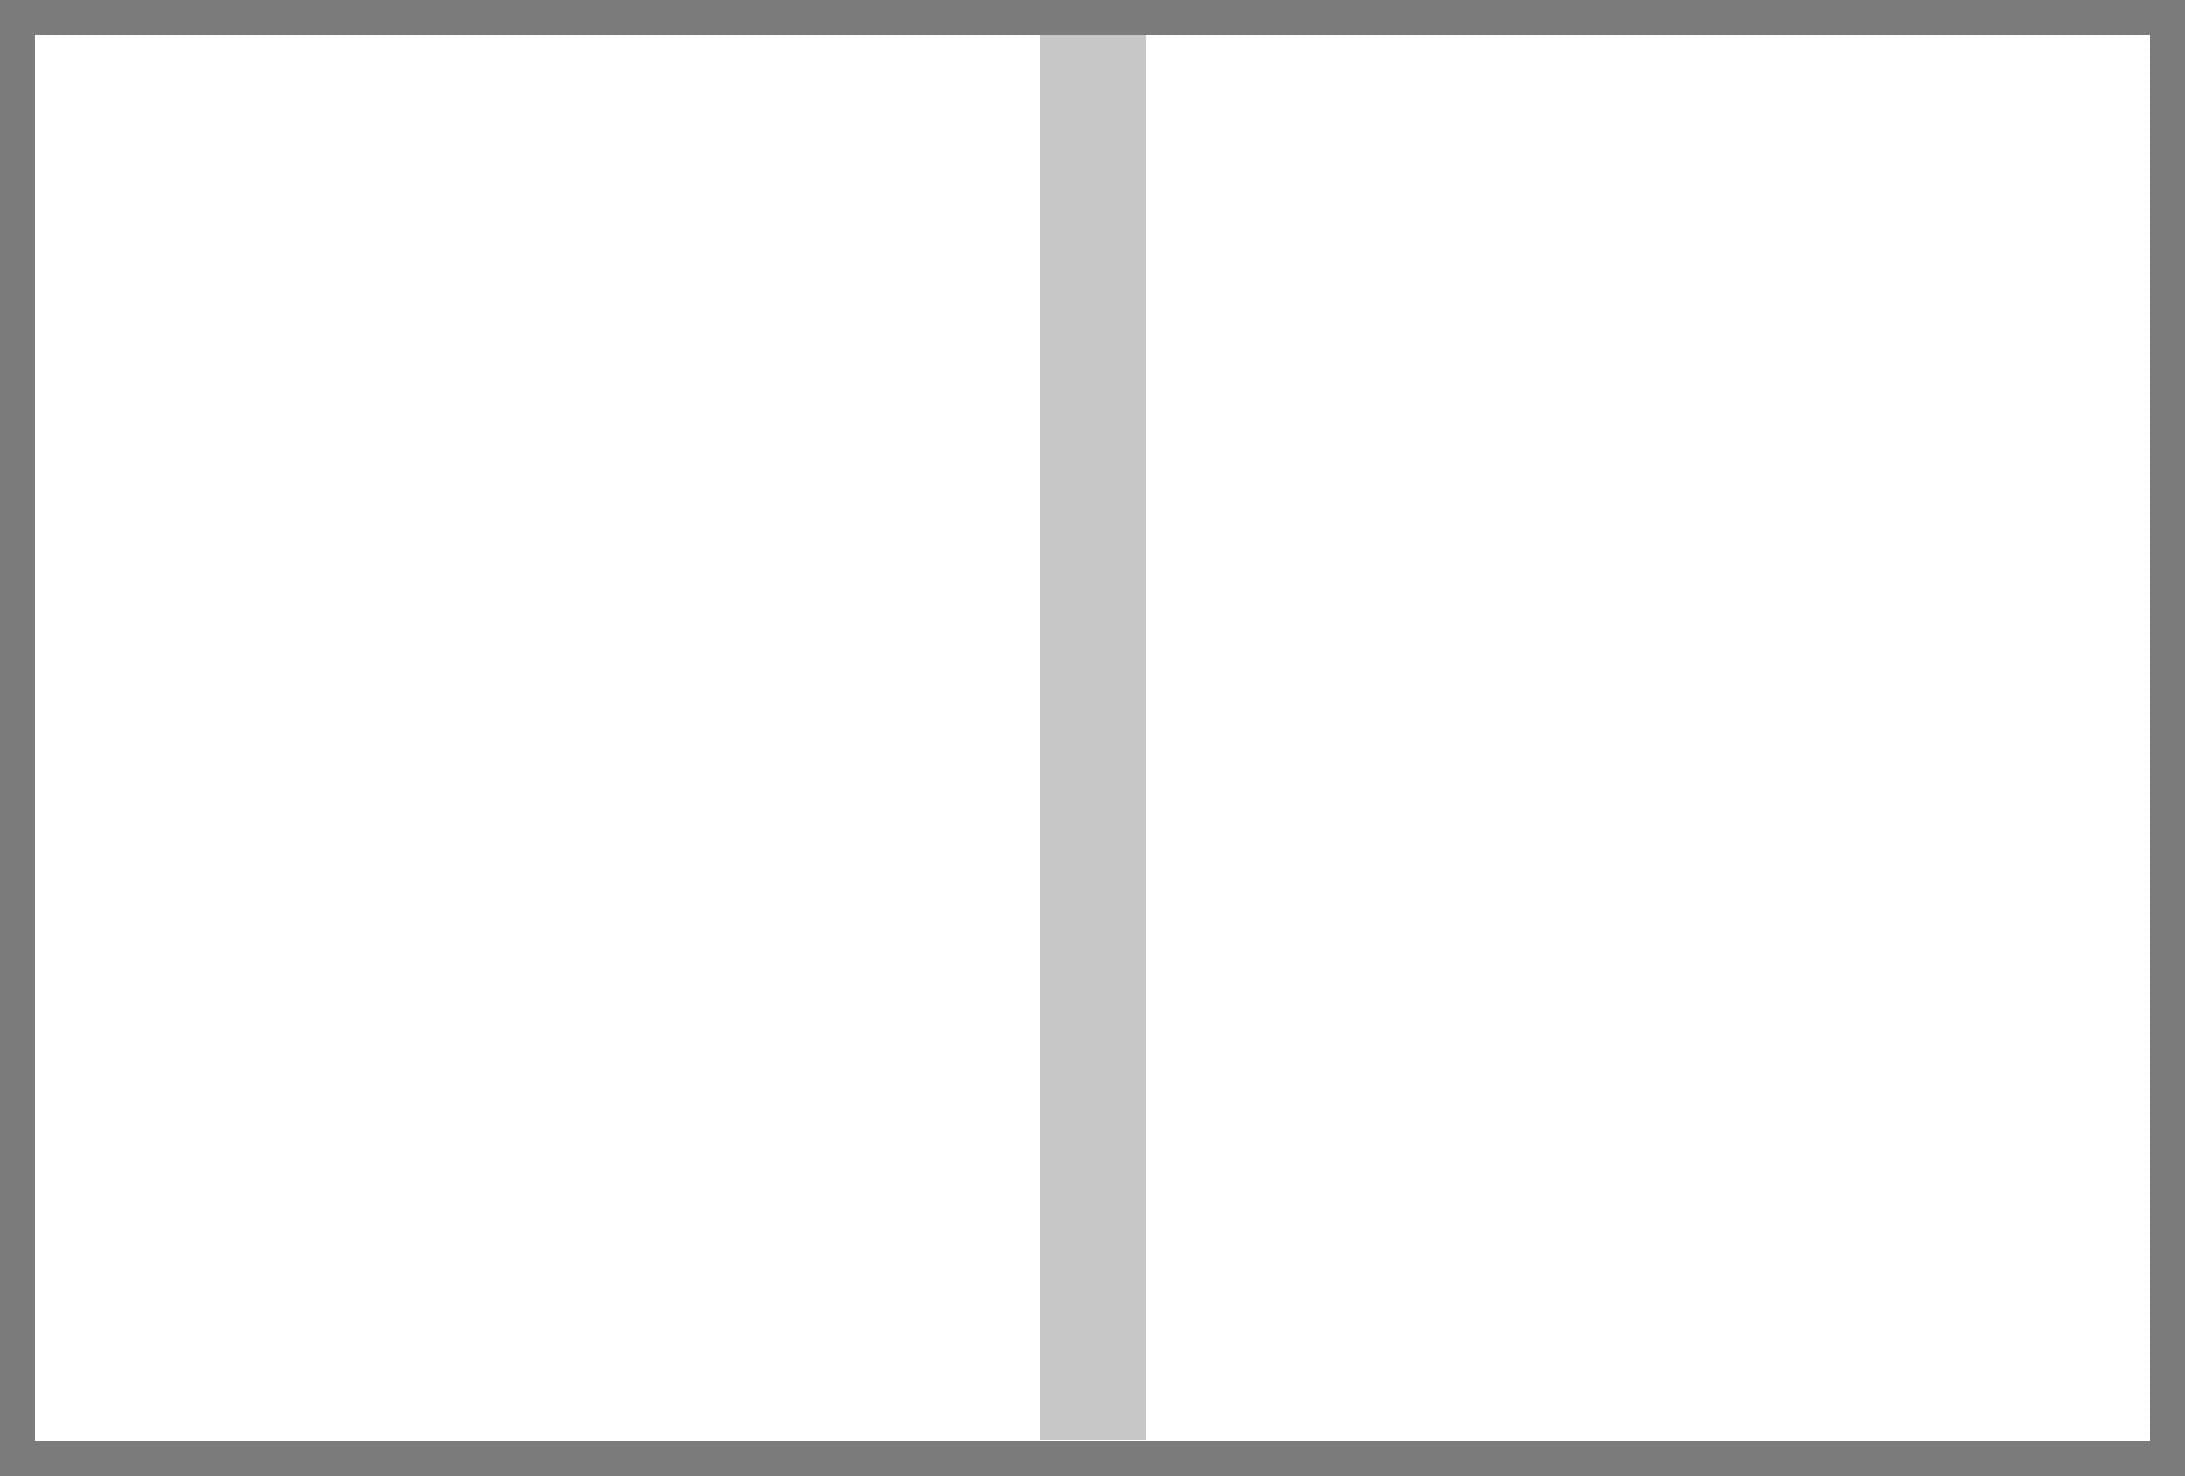 Druckvorlagen Cds Hüllen Und Digipacks Drucken Cd Kleinseriede